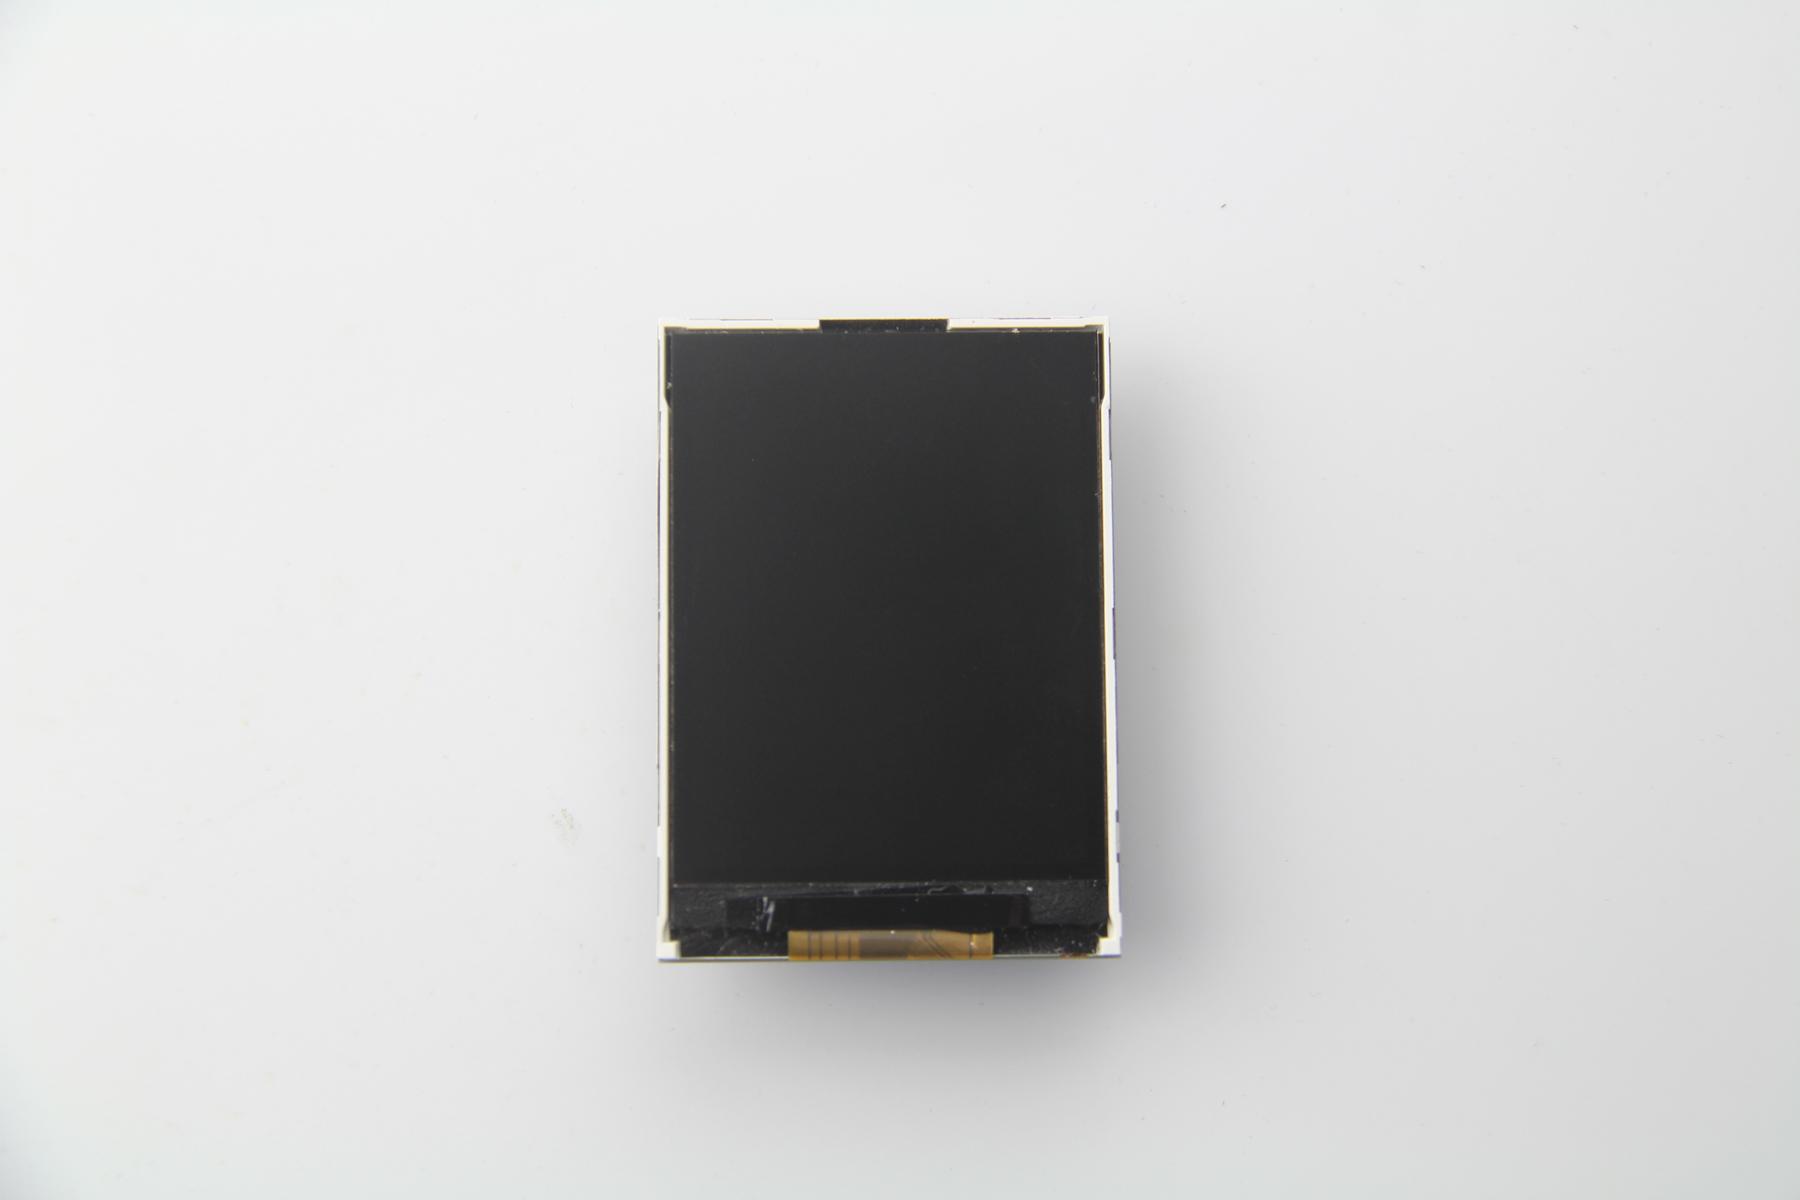 2.4寸TFT MIPI接口液晶模组(HTM24058A-MIPI)